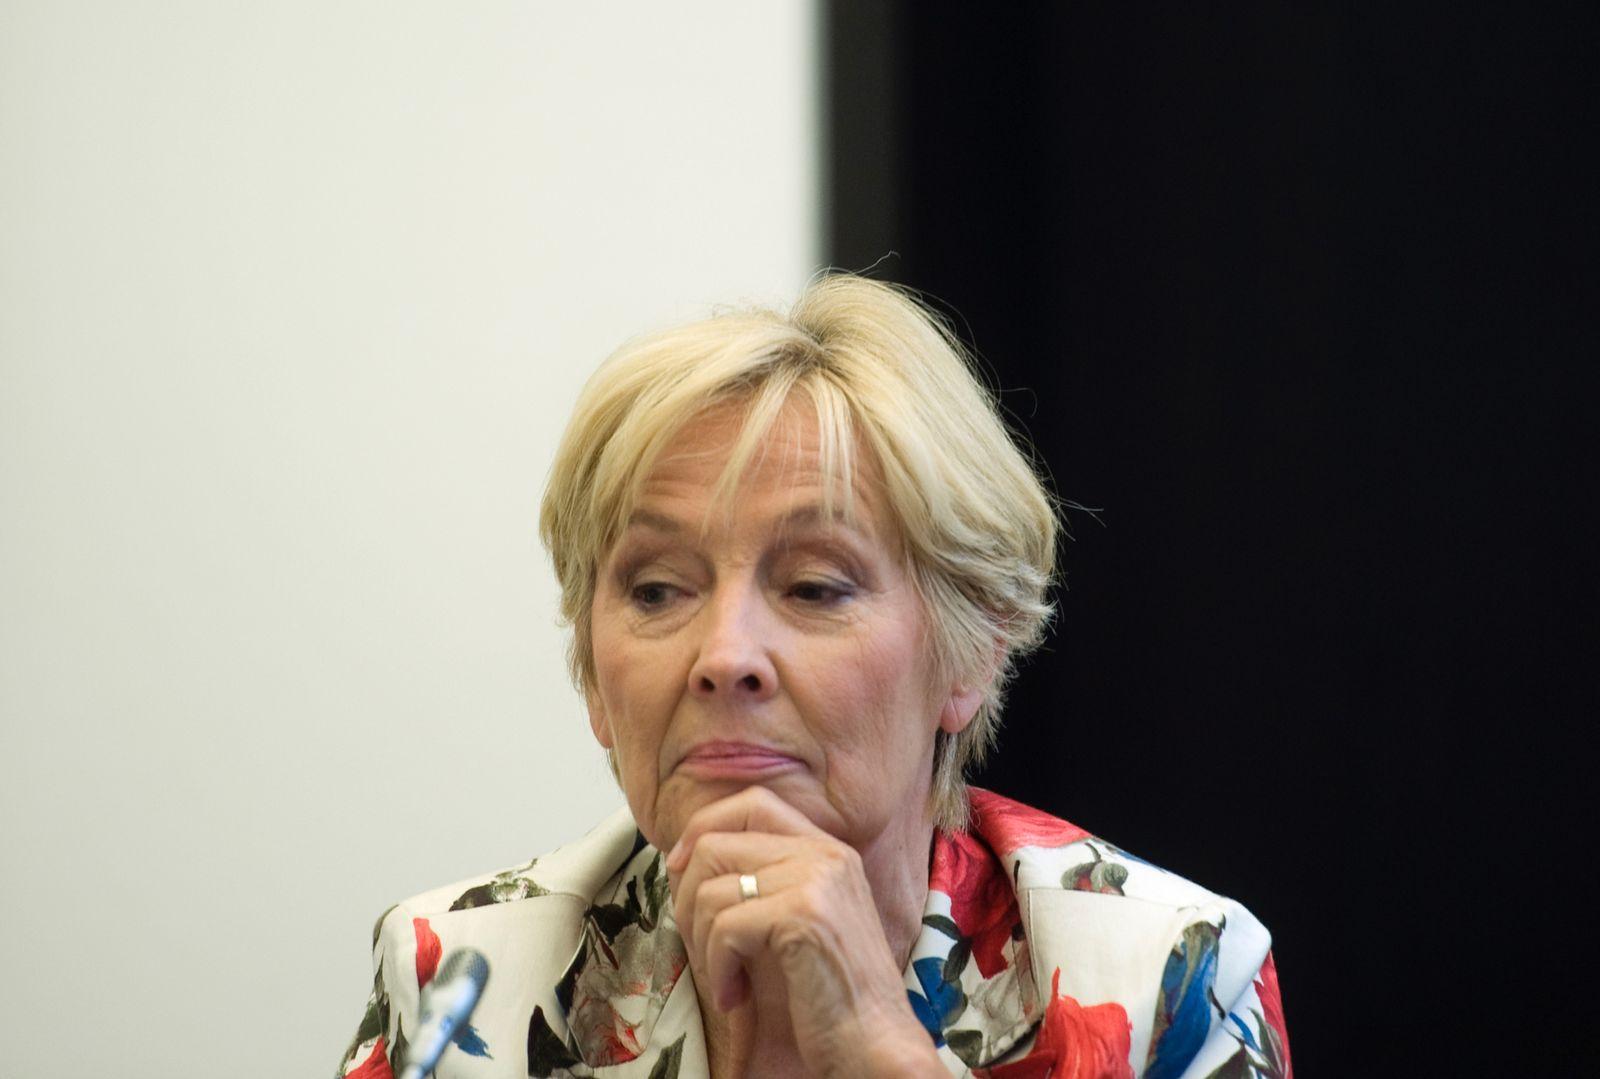 NICHT VERWENDEN Christine Bergmann